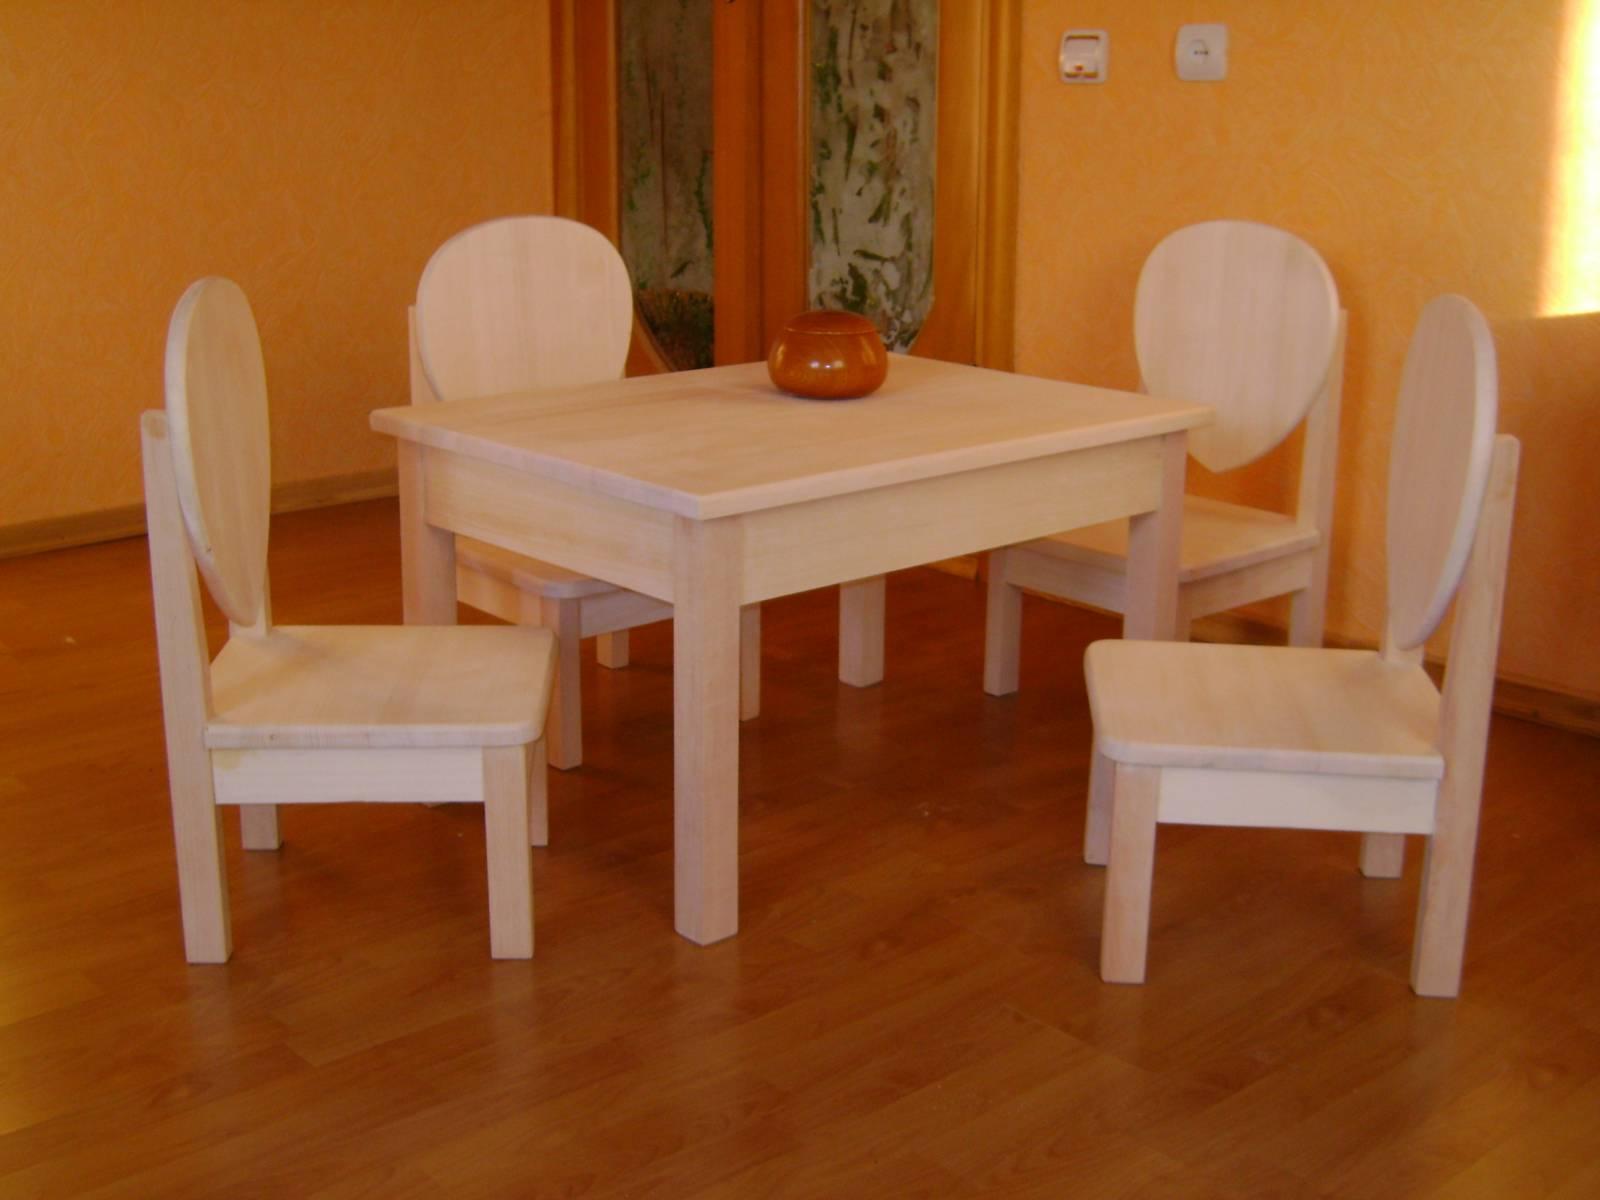 Деревянные стульчики - трансформеры